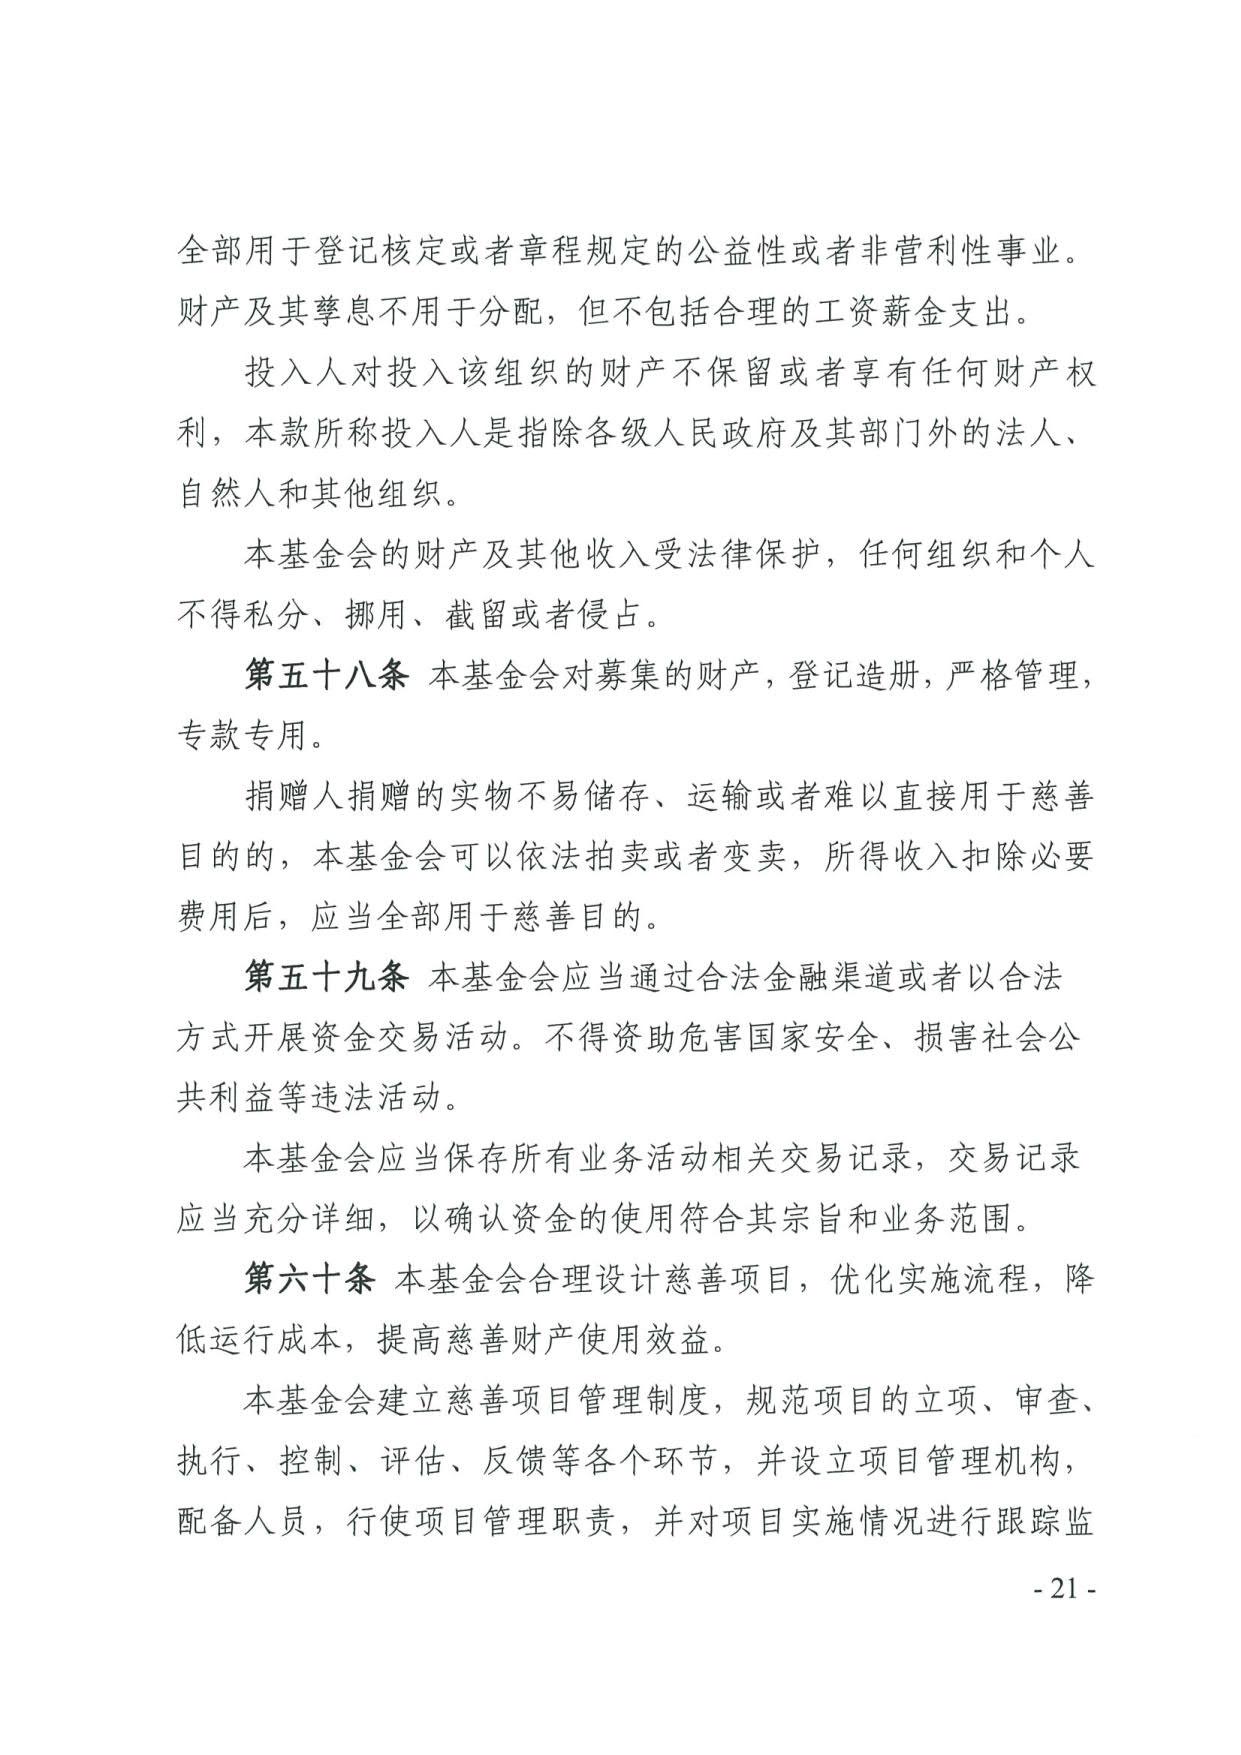 广东省民政厅关于印发《广东省基金会章程示范文本》的通知(4)_21.jpg